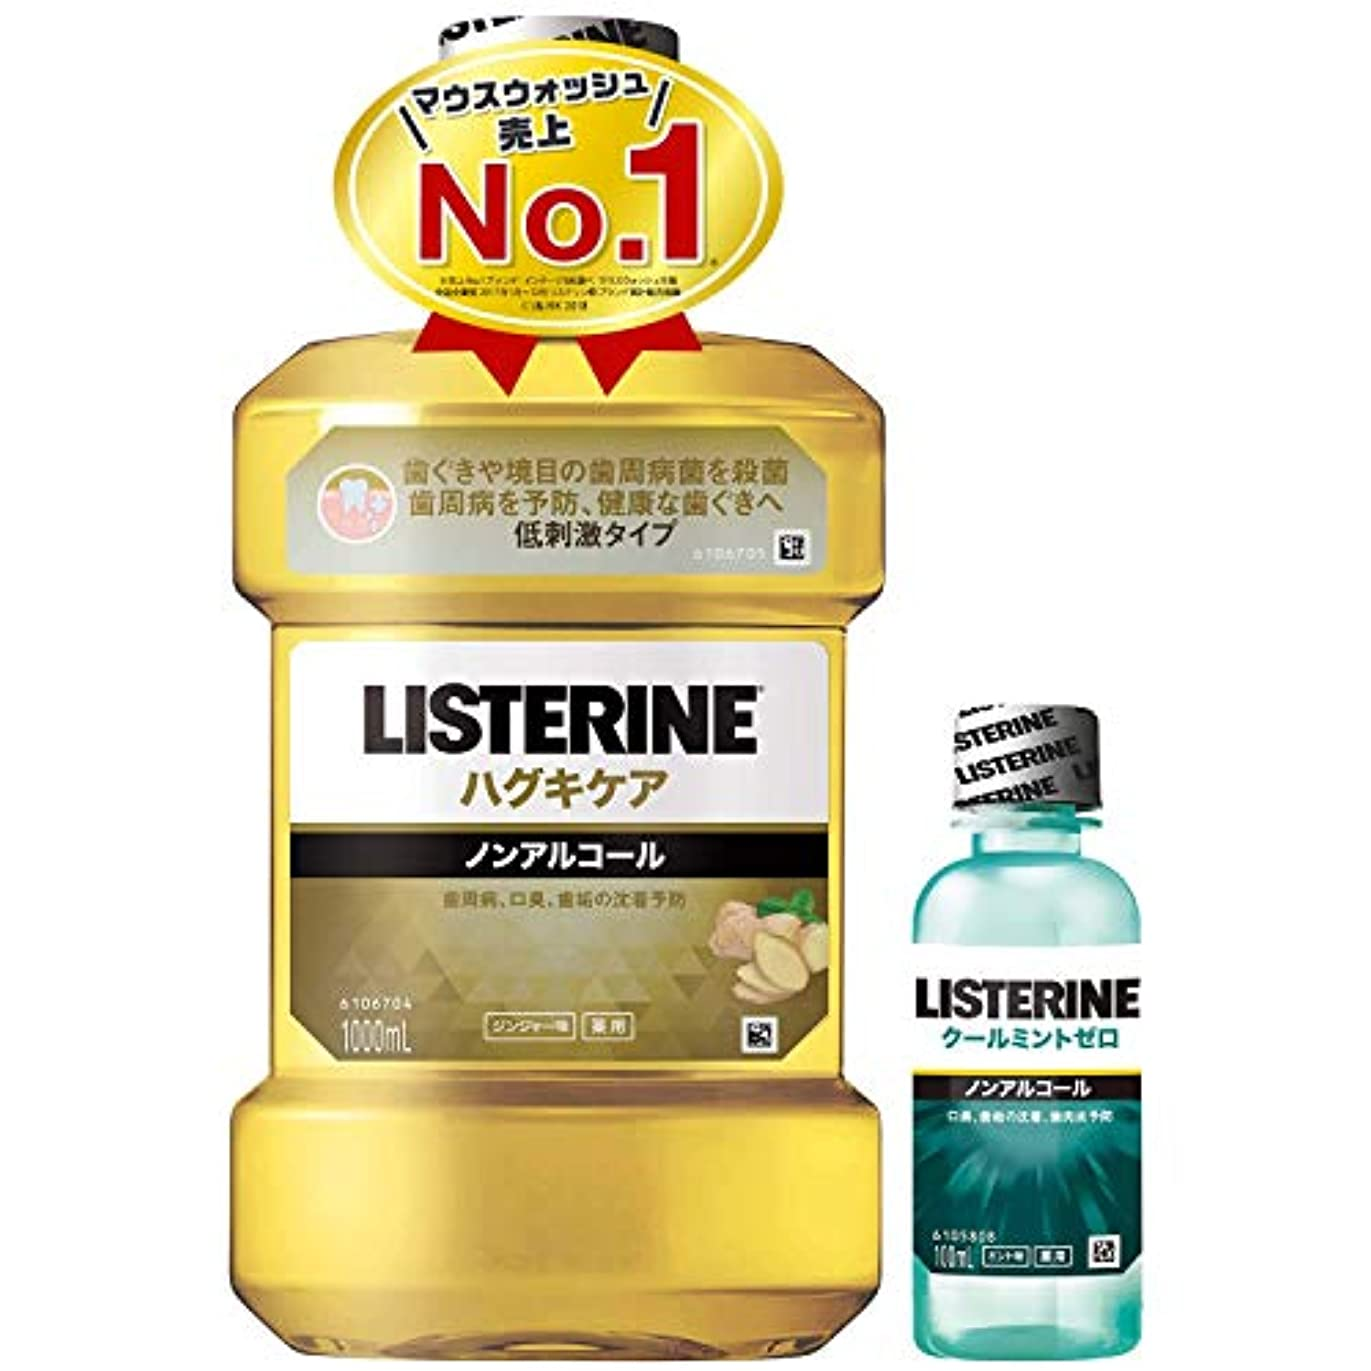 コントローラり唇[医薬部外品] 薬用 LISTERINE(リステリン) マウスウォッシュ ハグキケア 1000mL + おまけつき